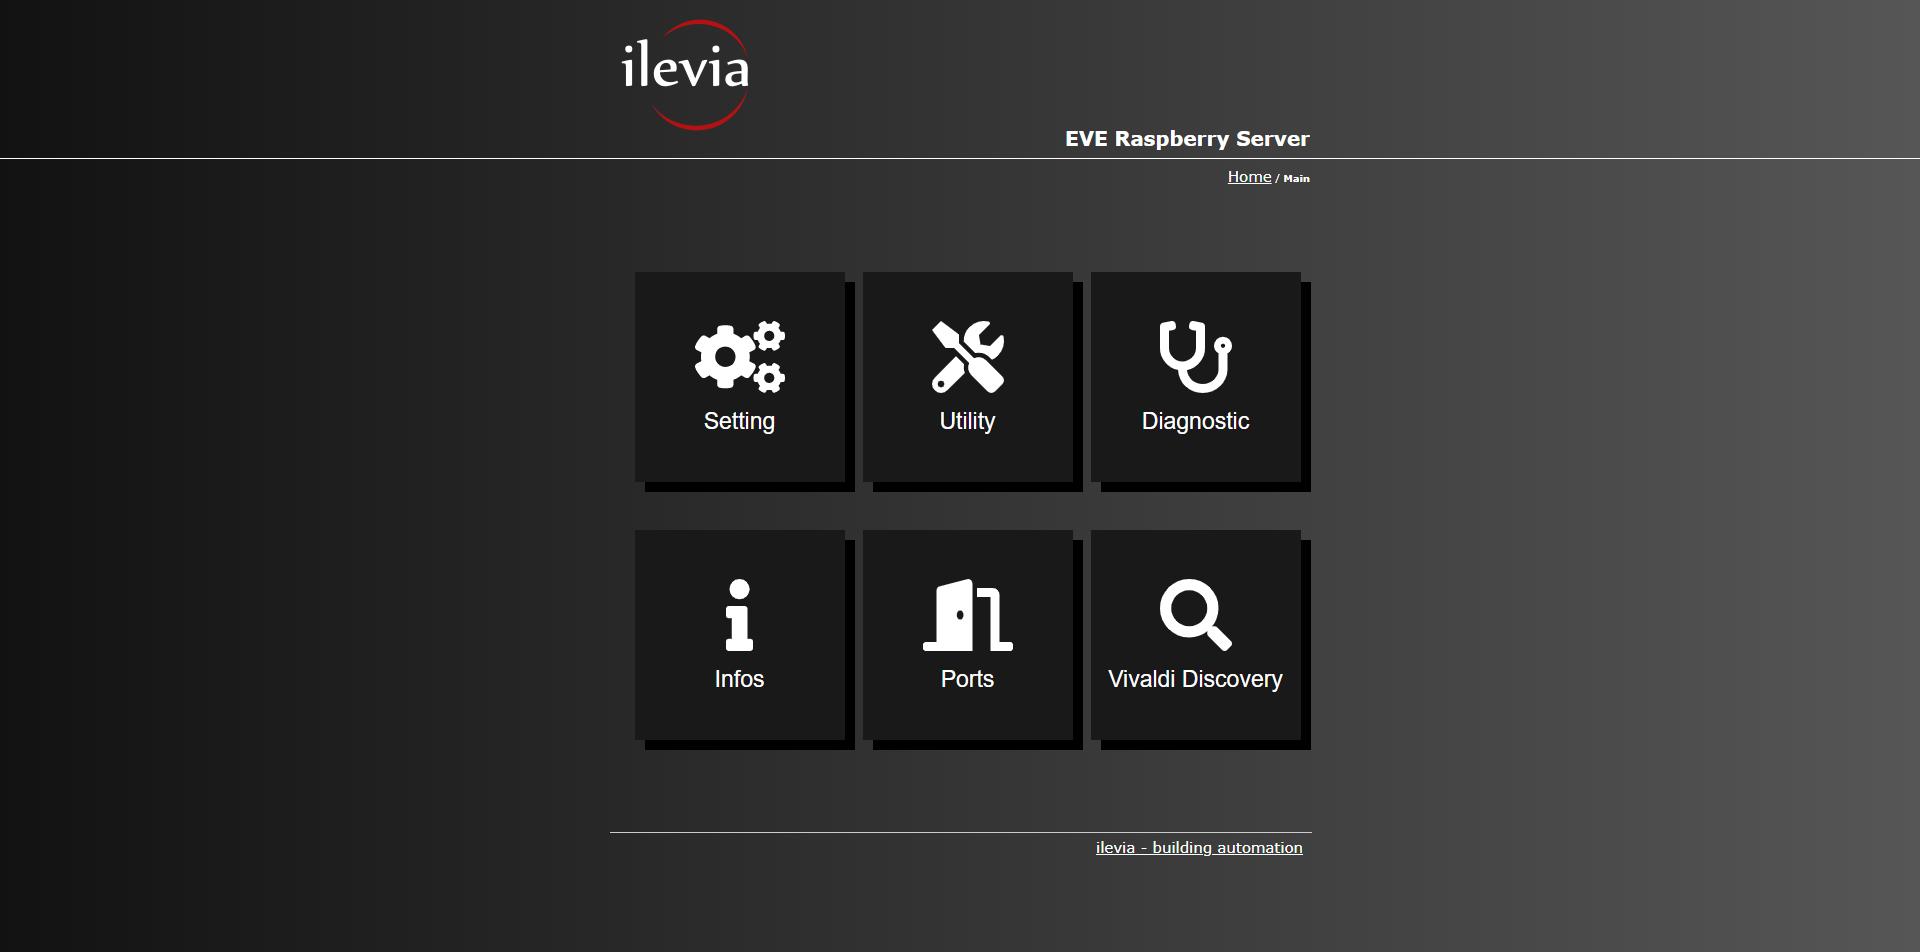 Come vengono visualizzati i menu all'interno dell'interfaccia web del dispositivo per la supervisione domotica Raspberry server EVE